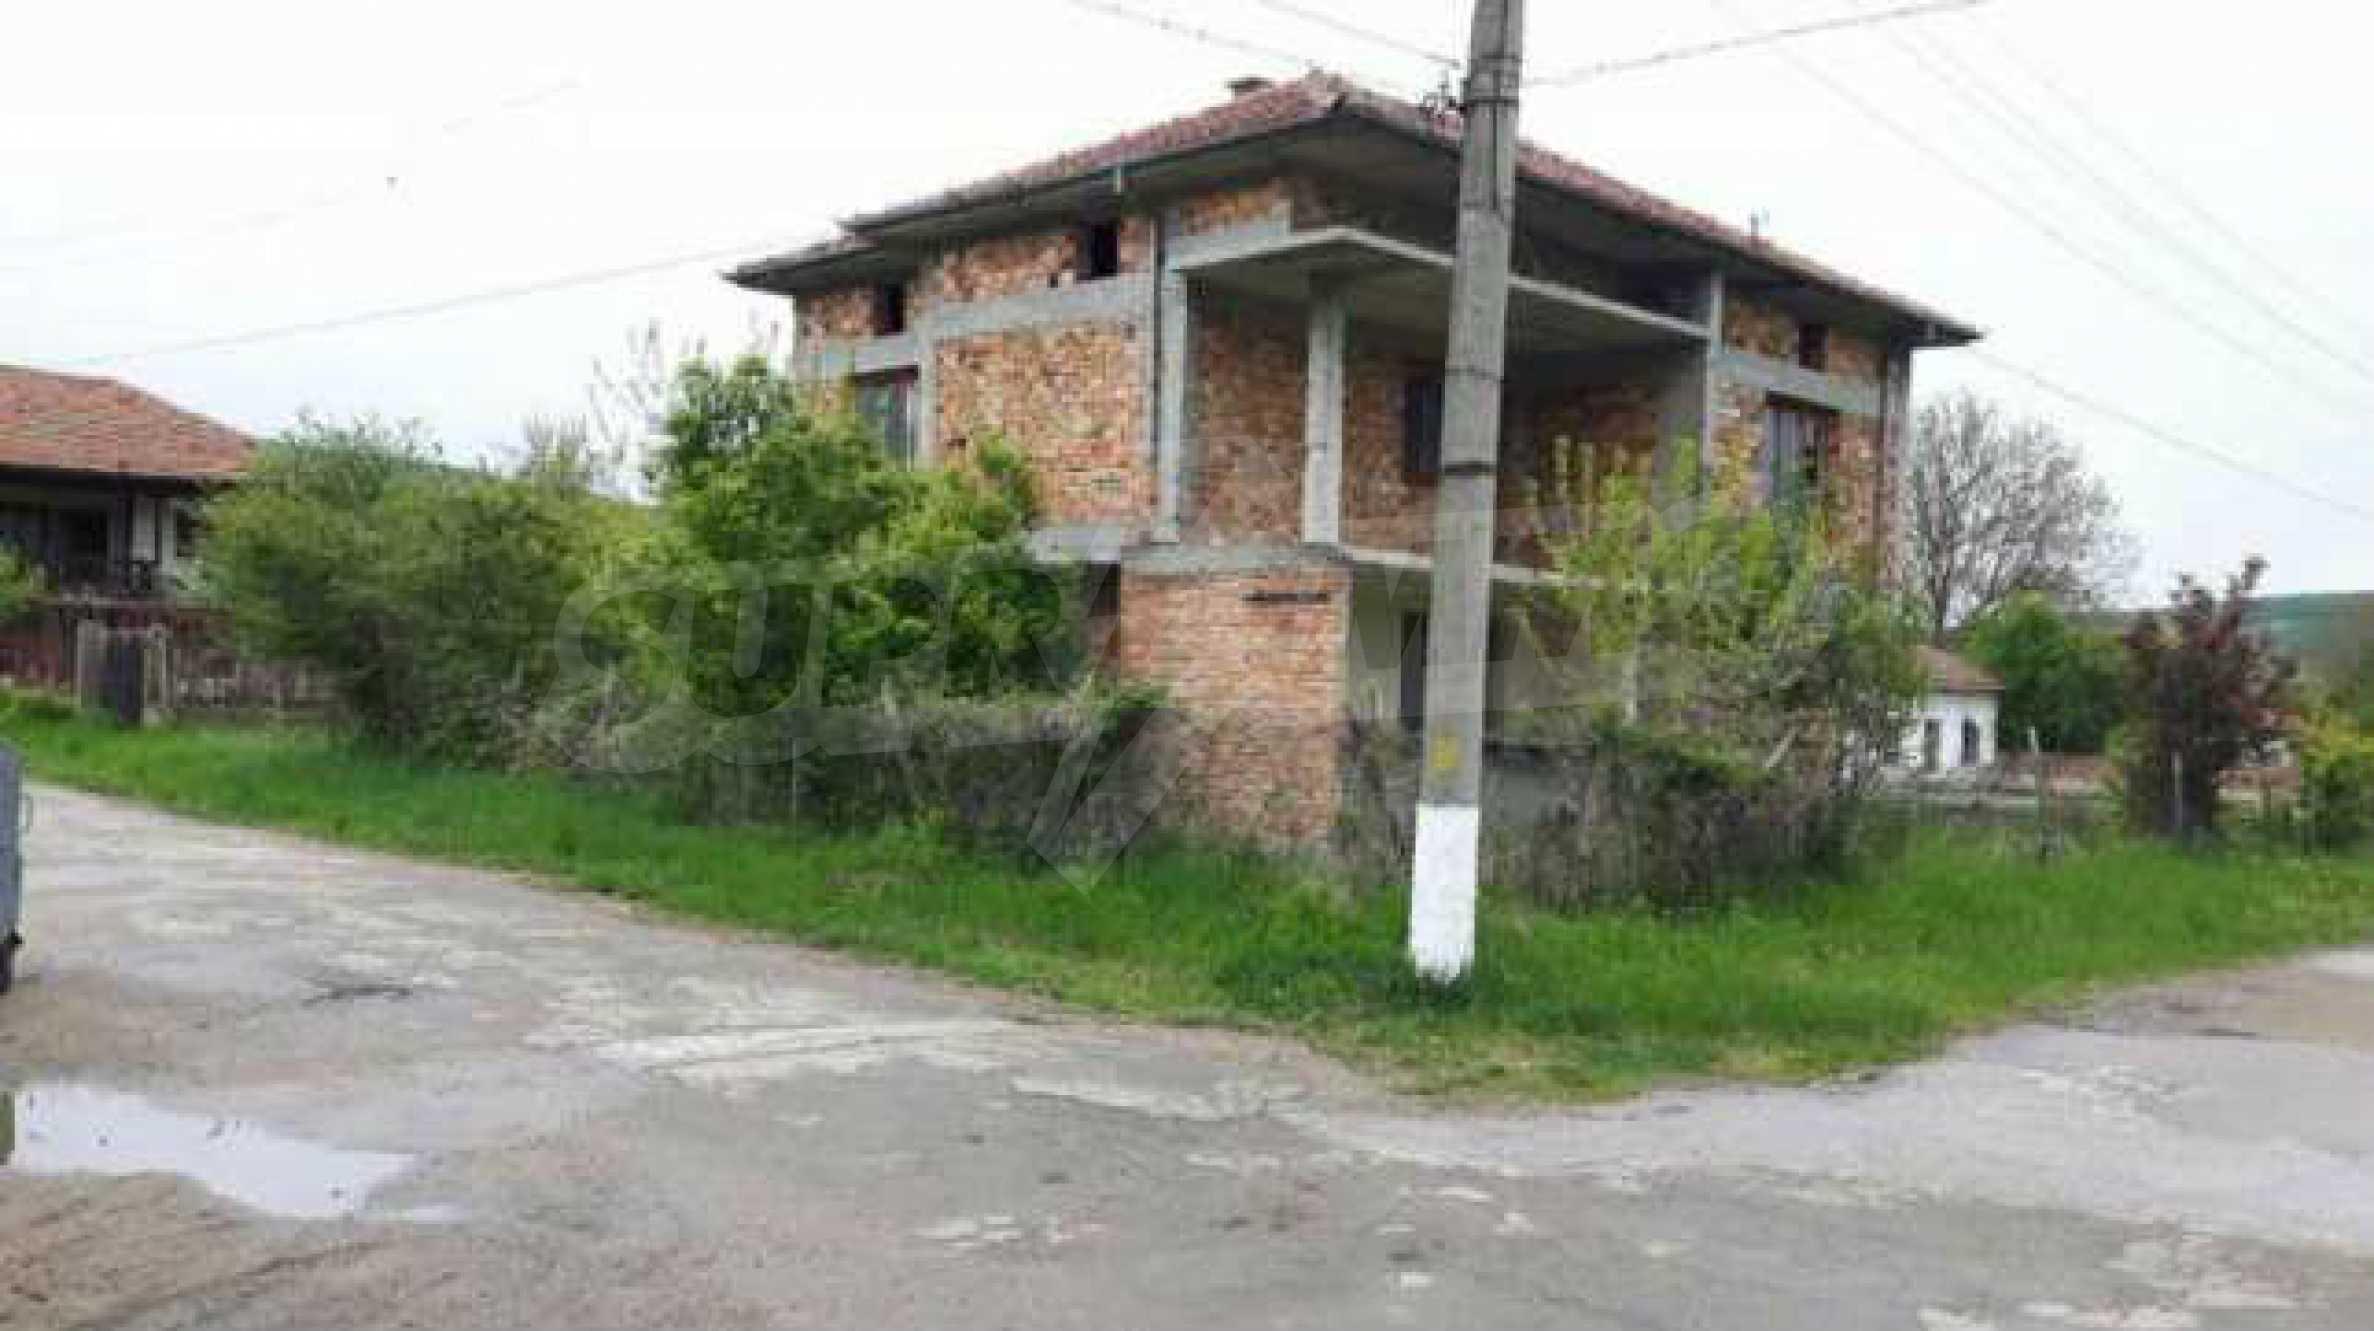 Новопостроена двуетажна къща в центъра на село, до язовир 1